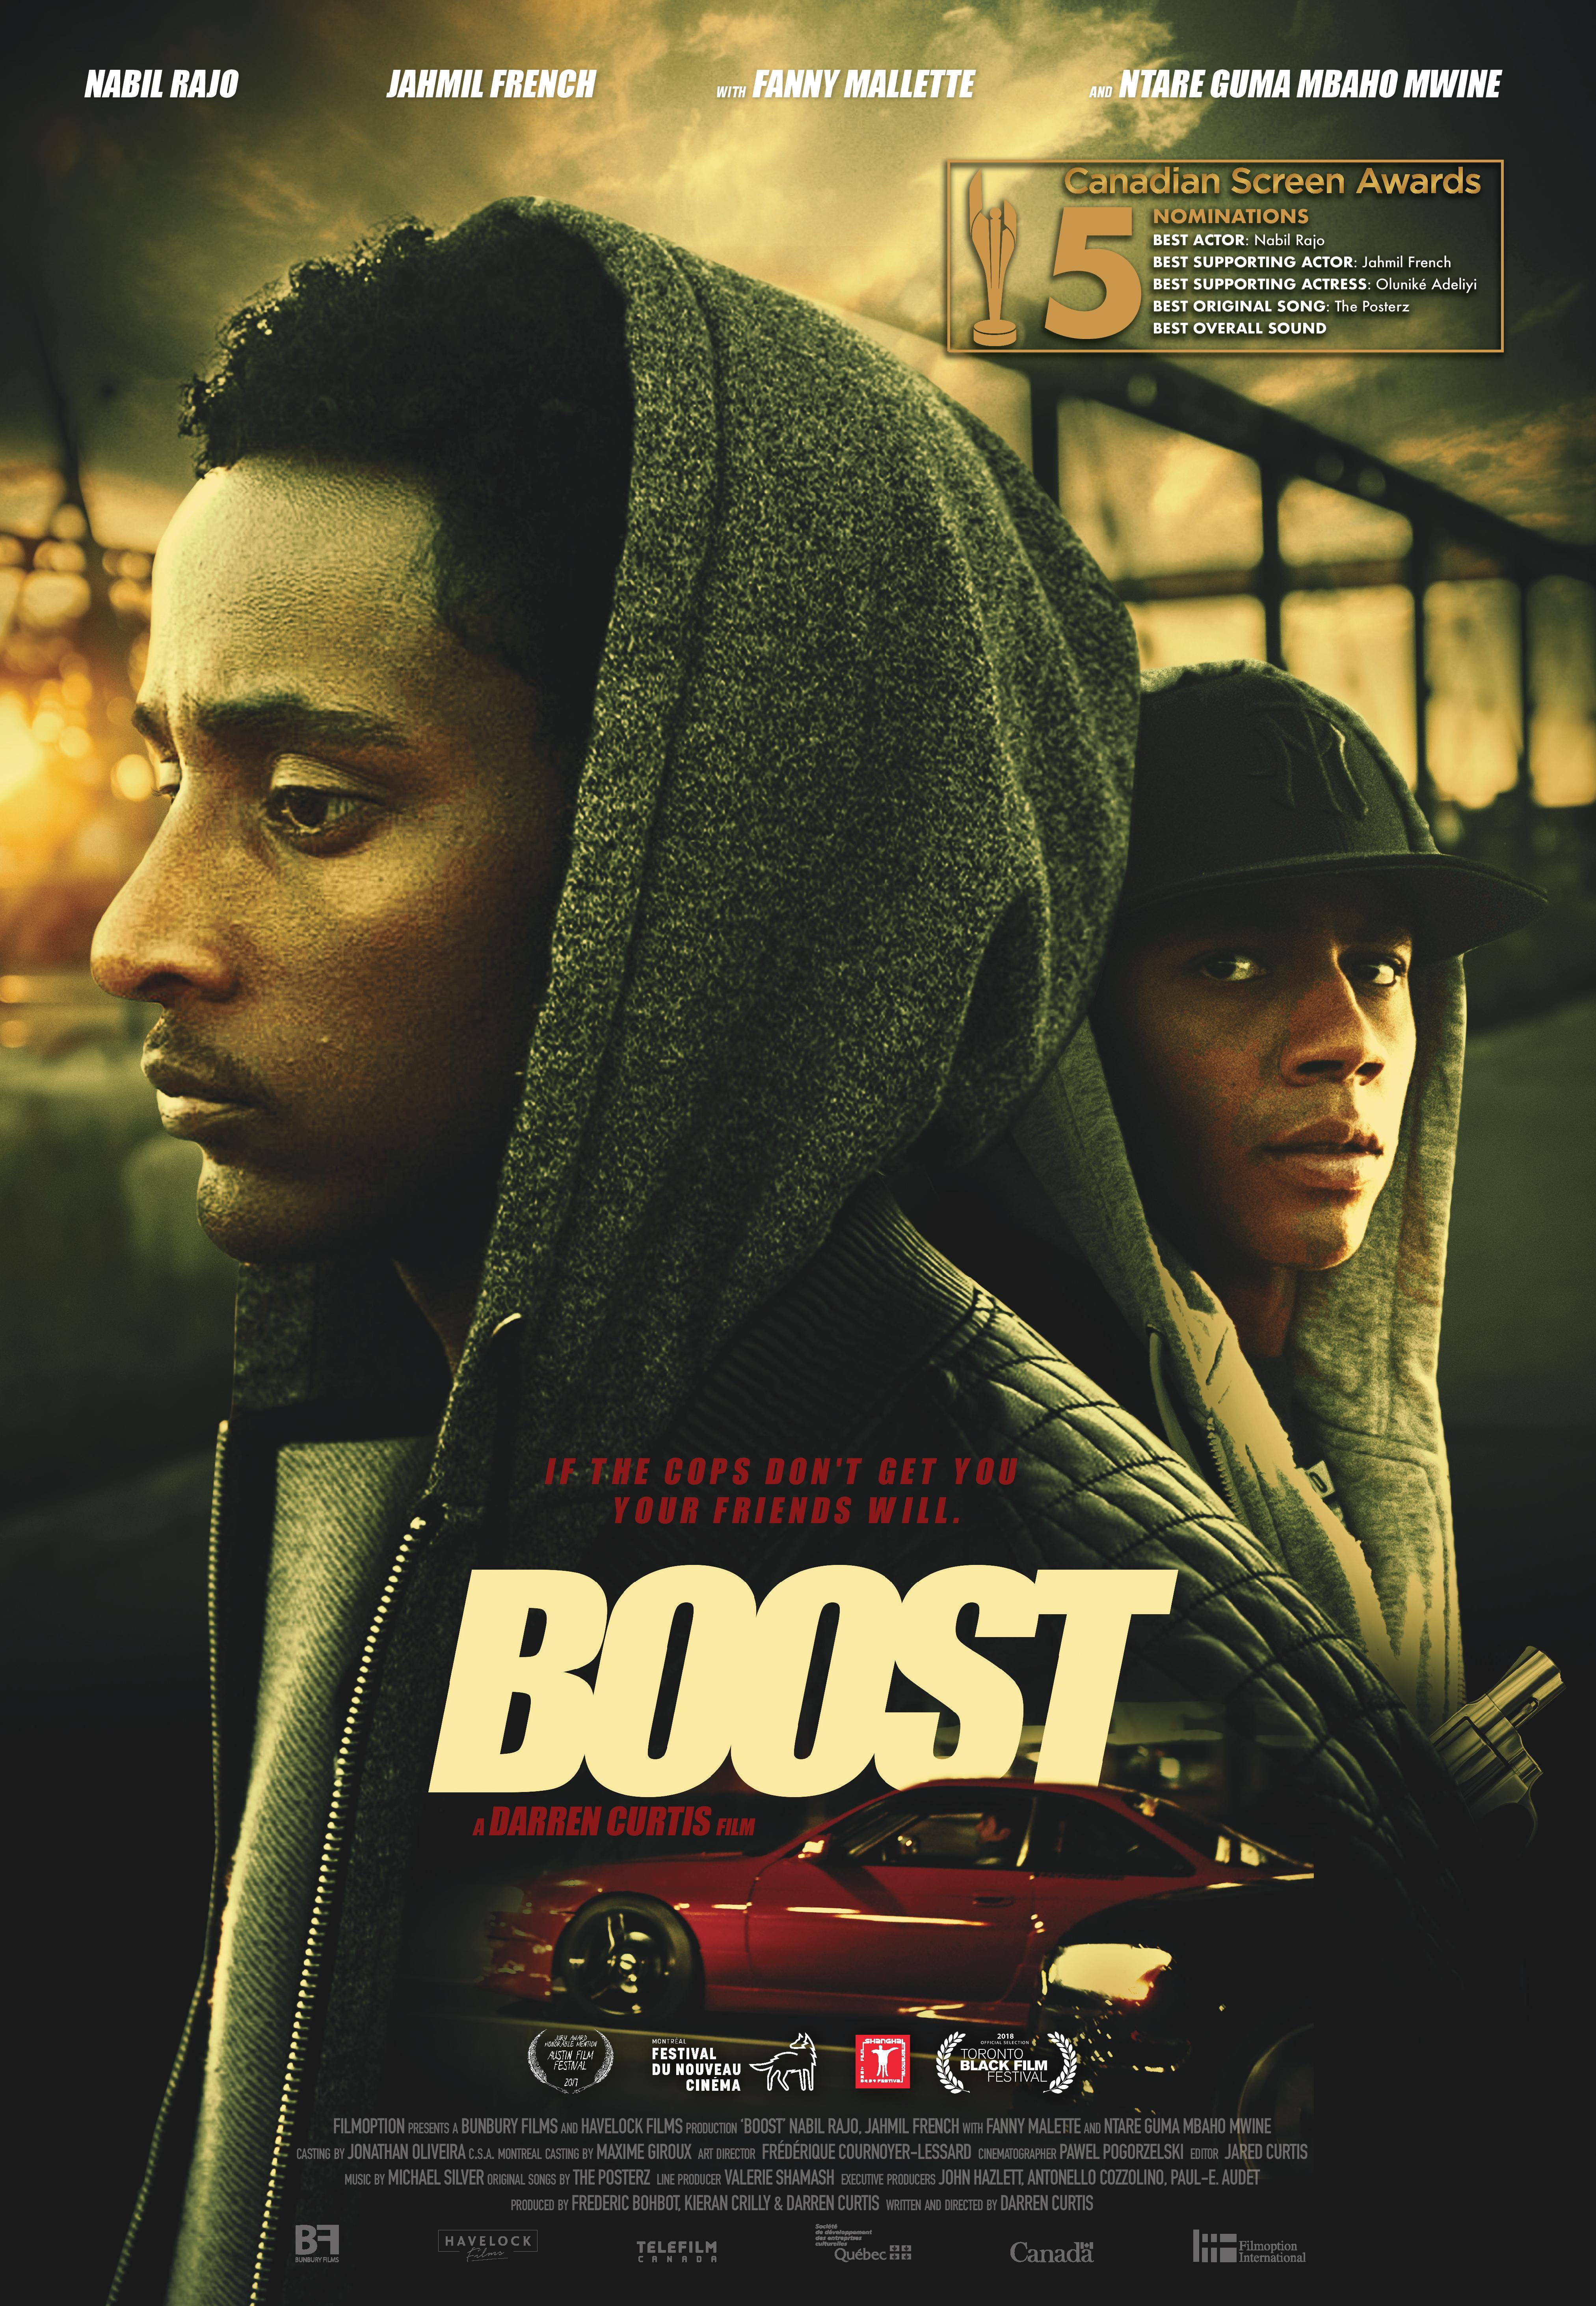 Film Boost Streaming Complet - Hakeem et A-Mac sont comme des frères. Ensemble face à la vie des immigrants à Montréal,...